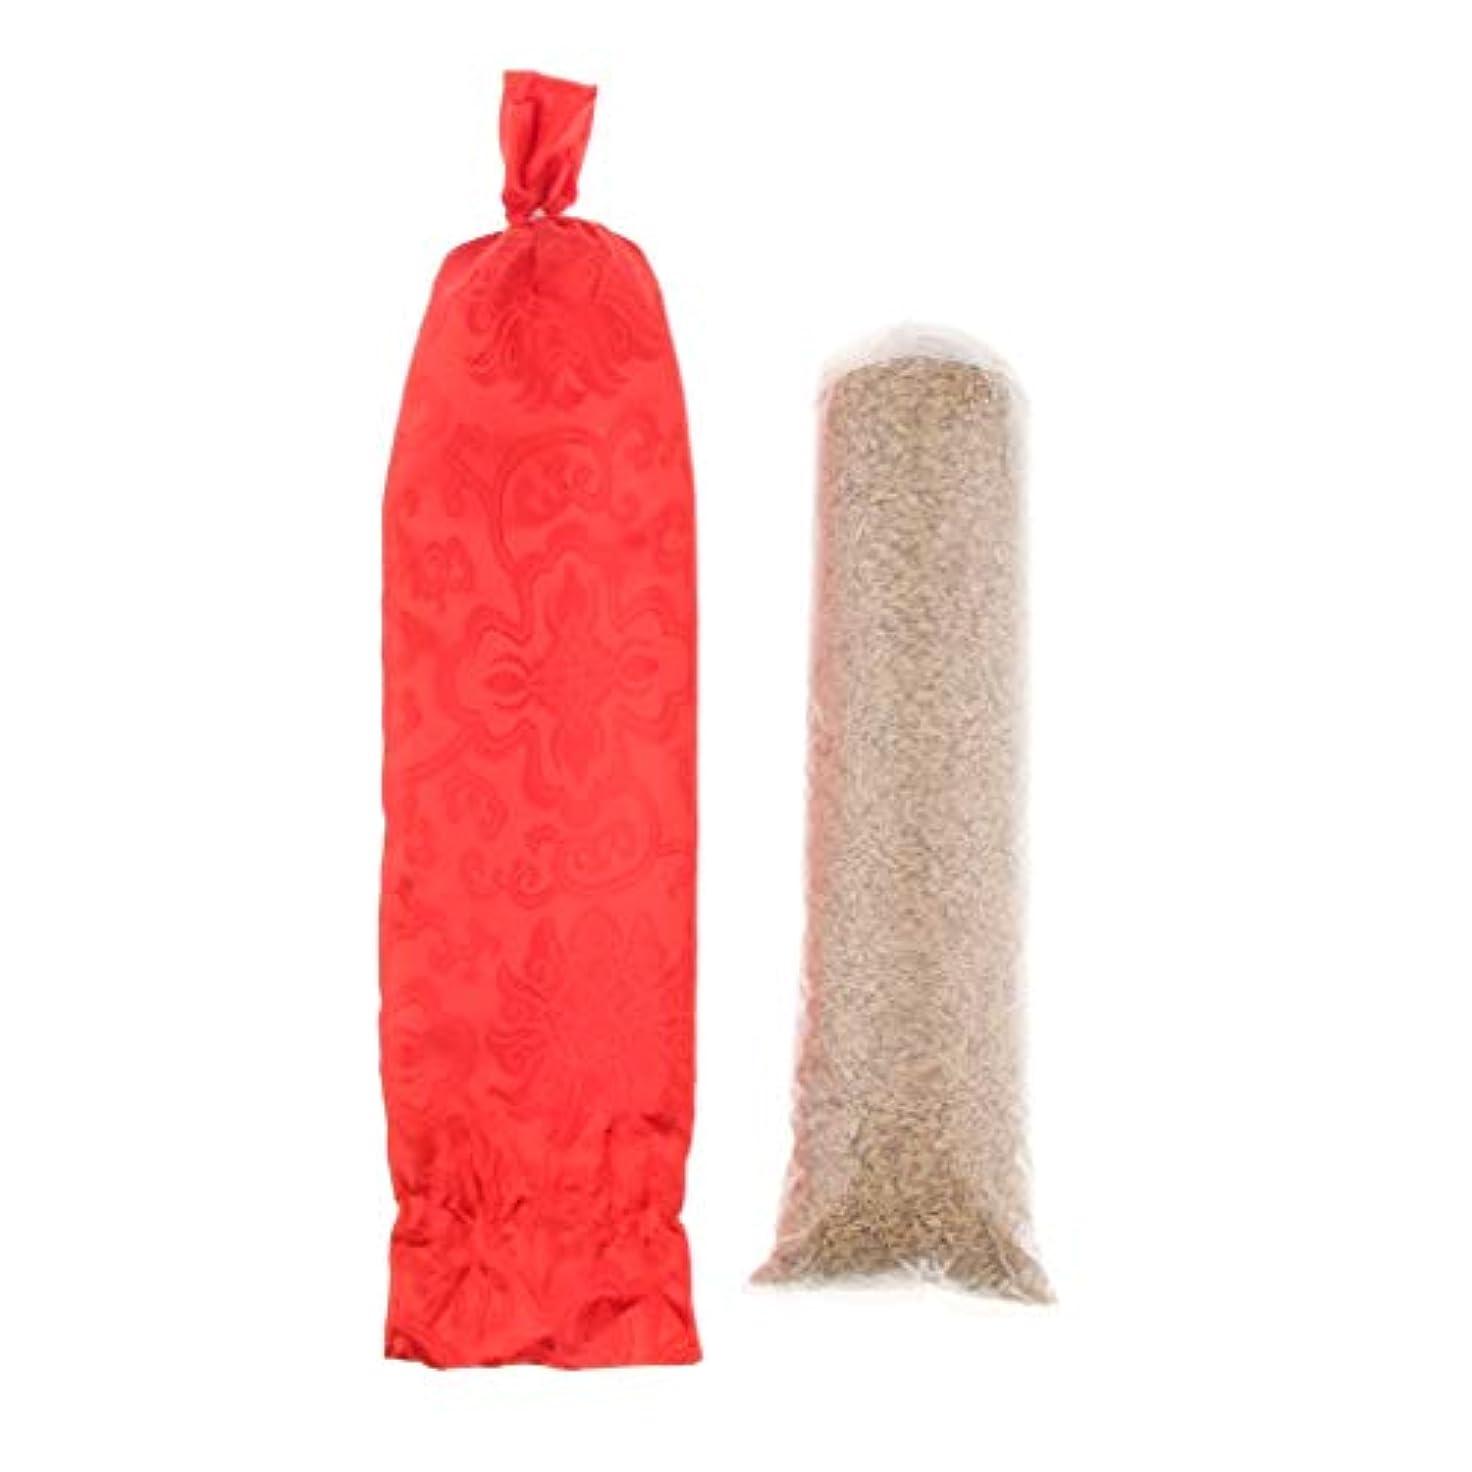 キャッチ波電気のラウンド 頚部枕 ロール枕 洗濯可能なカバー サポートピロー